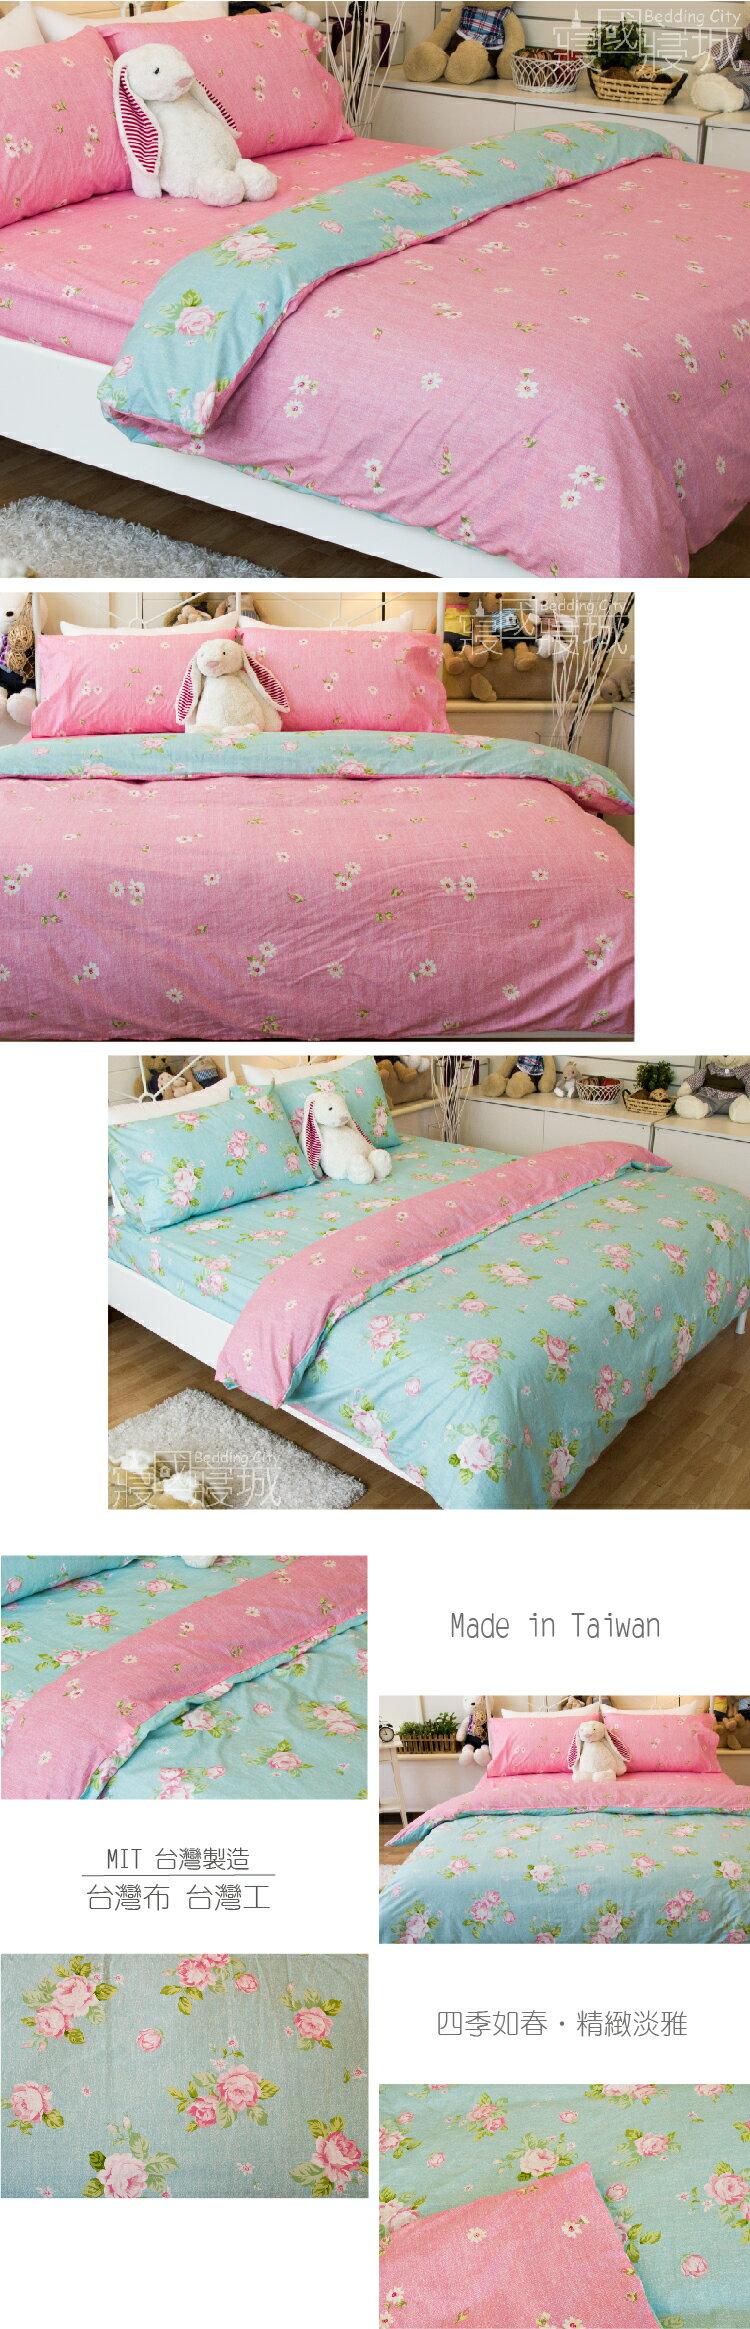 精梳棉-春天的氣息加大雙人床包組 #綠色玫瑰花【大鐘印染、台灣製造】#精梳純綿 2